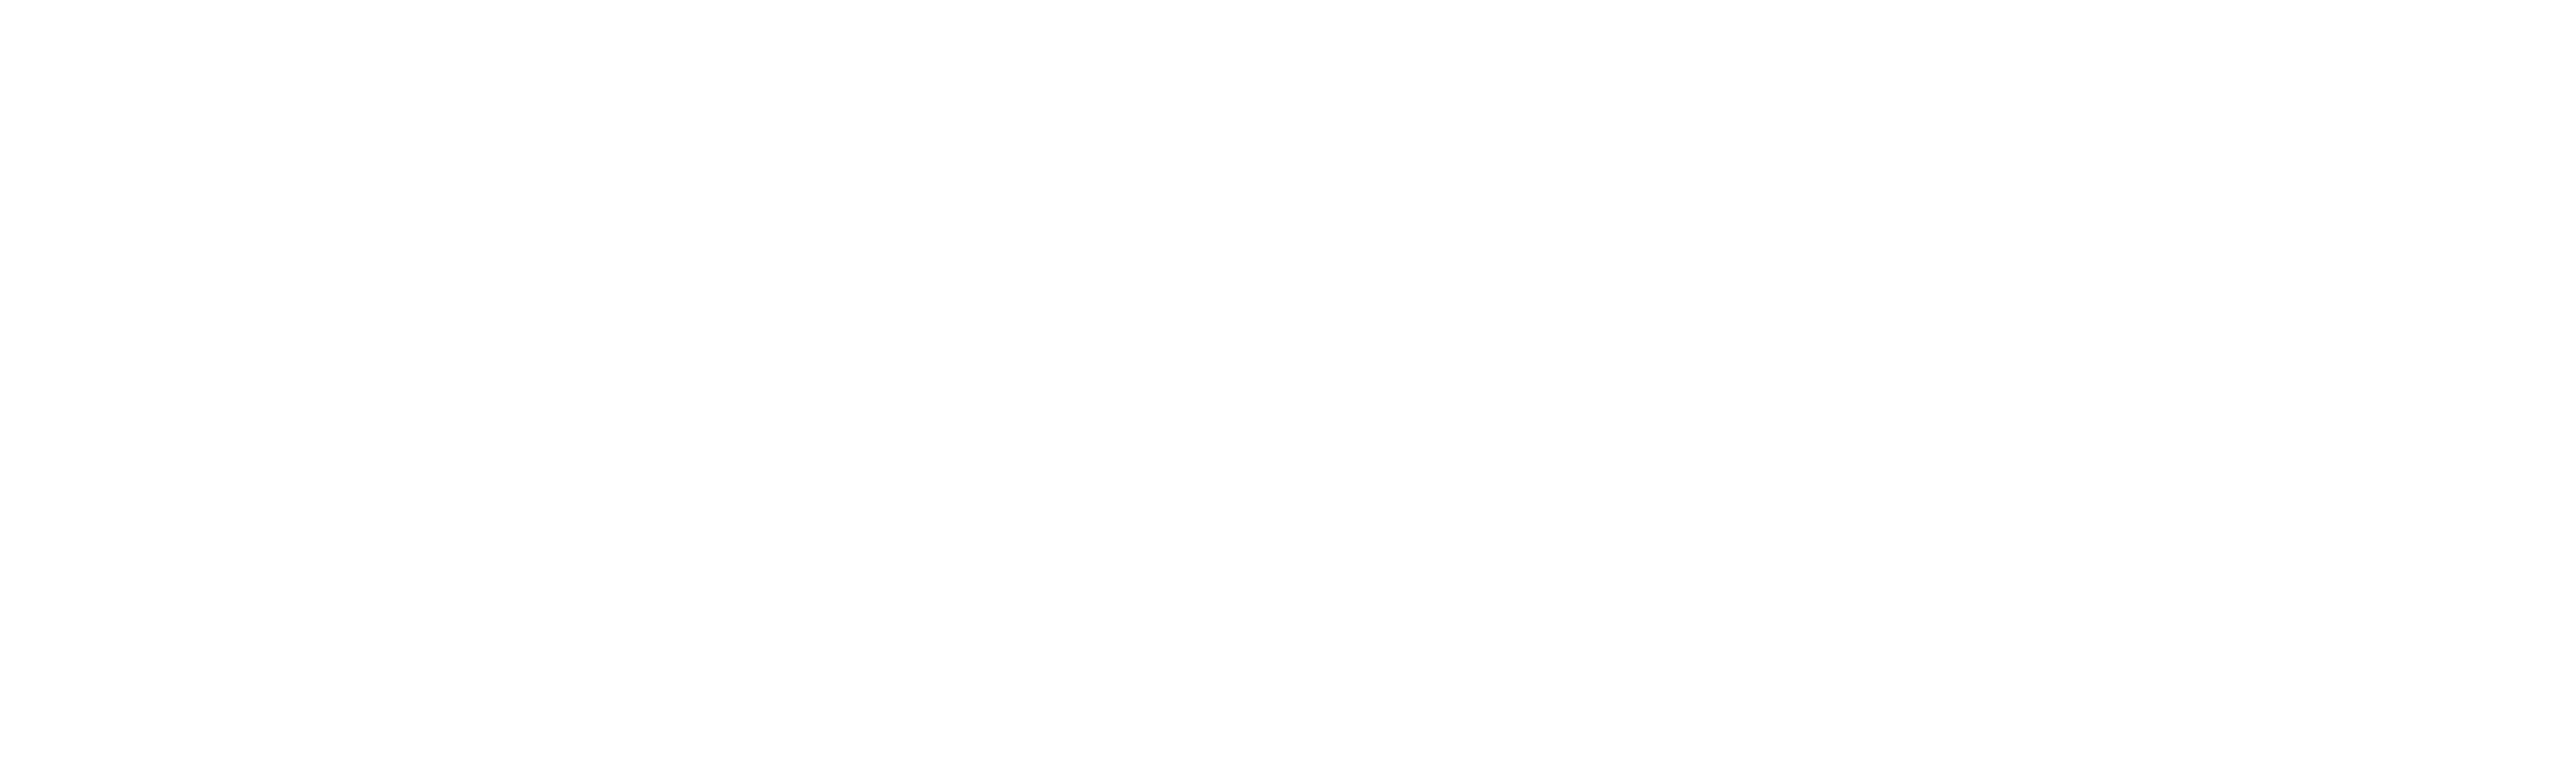 Kulturradet_logo_hvit_tekst